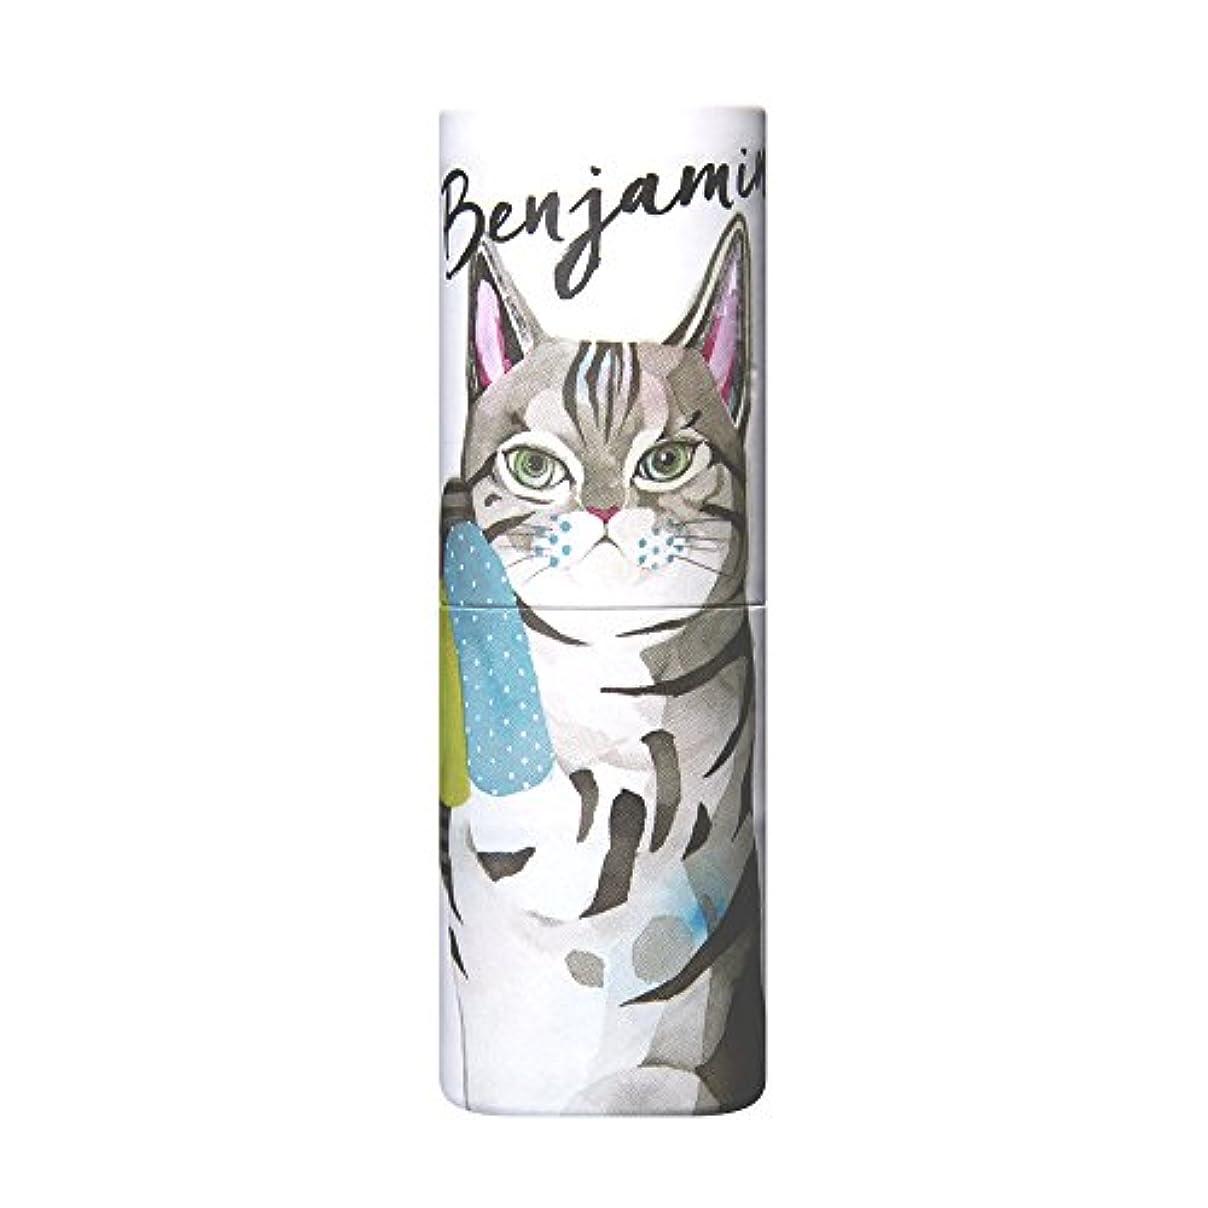 リクルートブリード究極のヴァシリーサ パフュームスティック ベンジャミン ネコ  ねり香水 5g